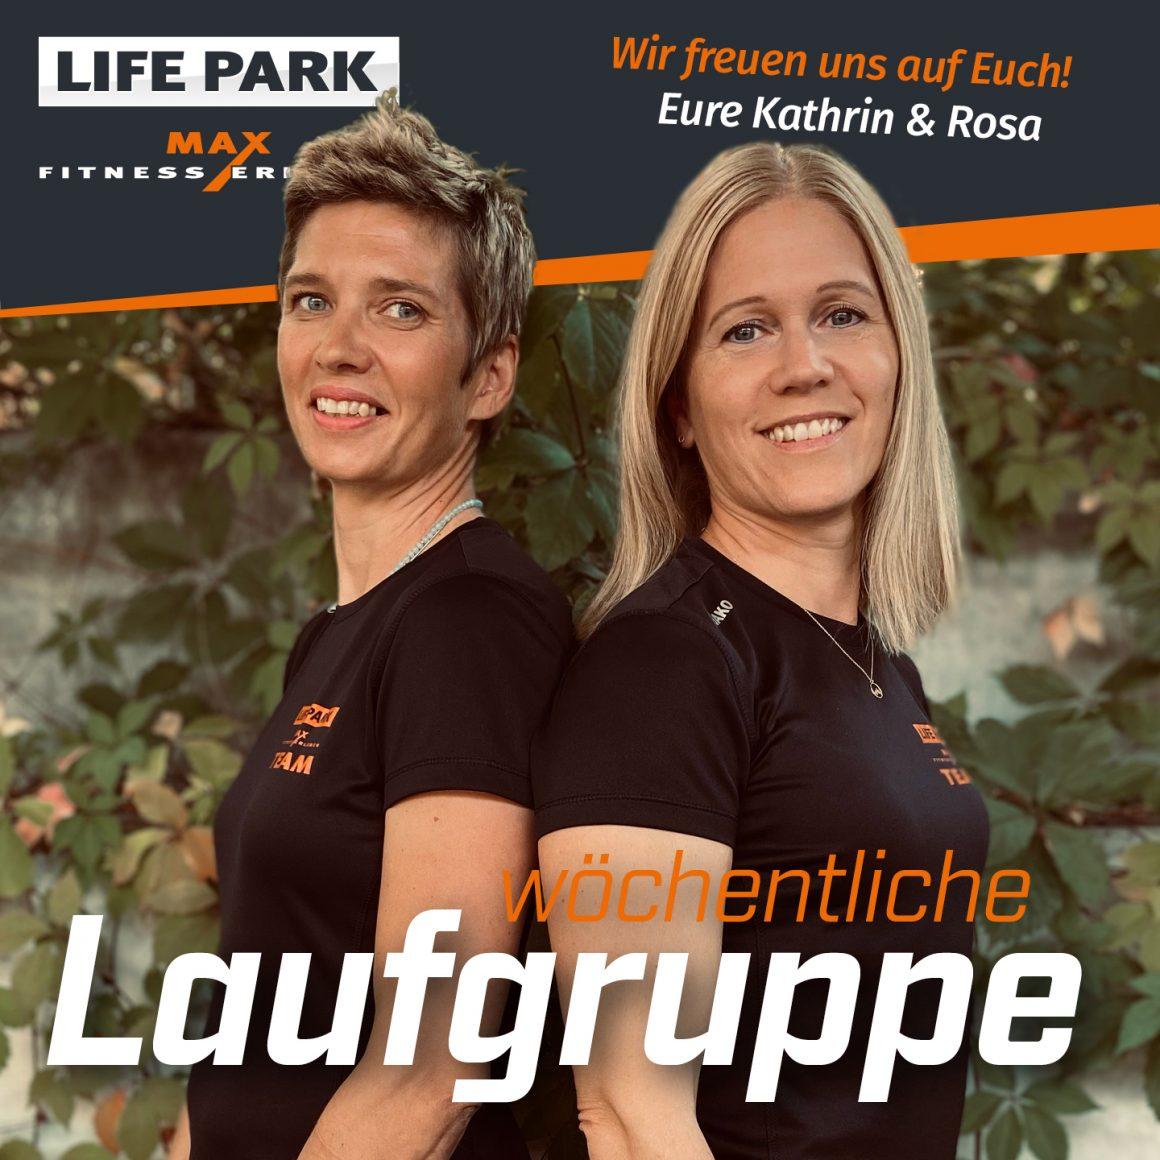 Wöchentliche Laufgruppe wieder ab dem 22.09.2021